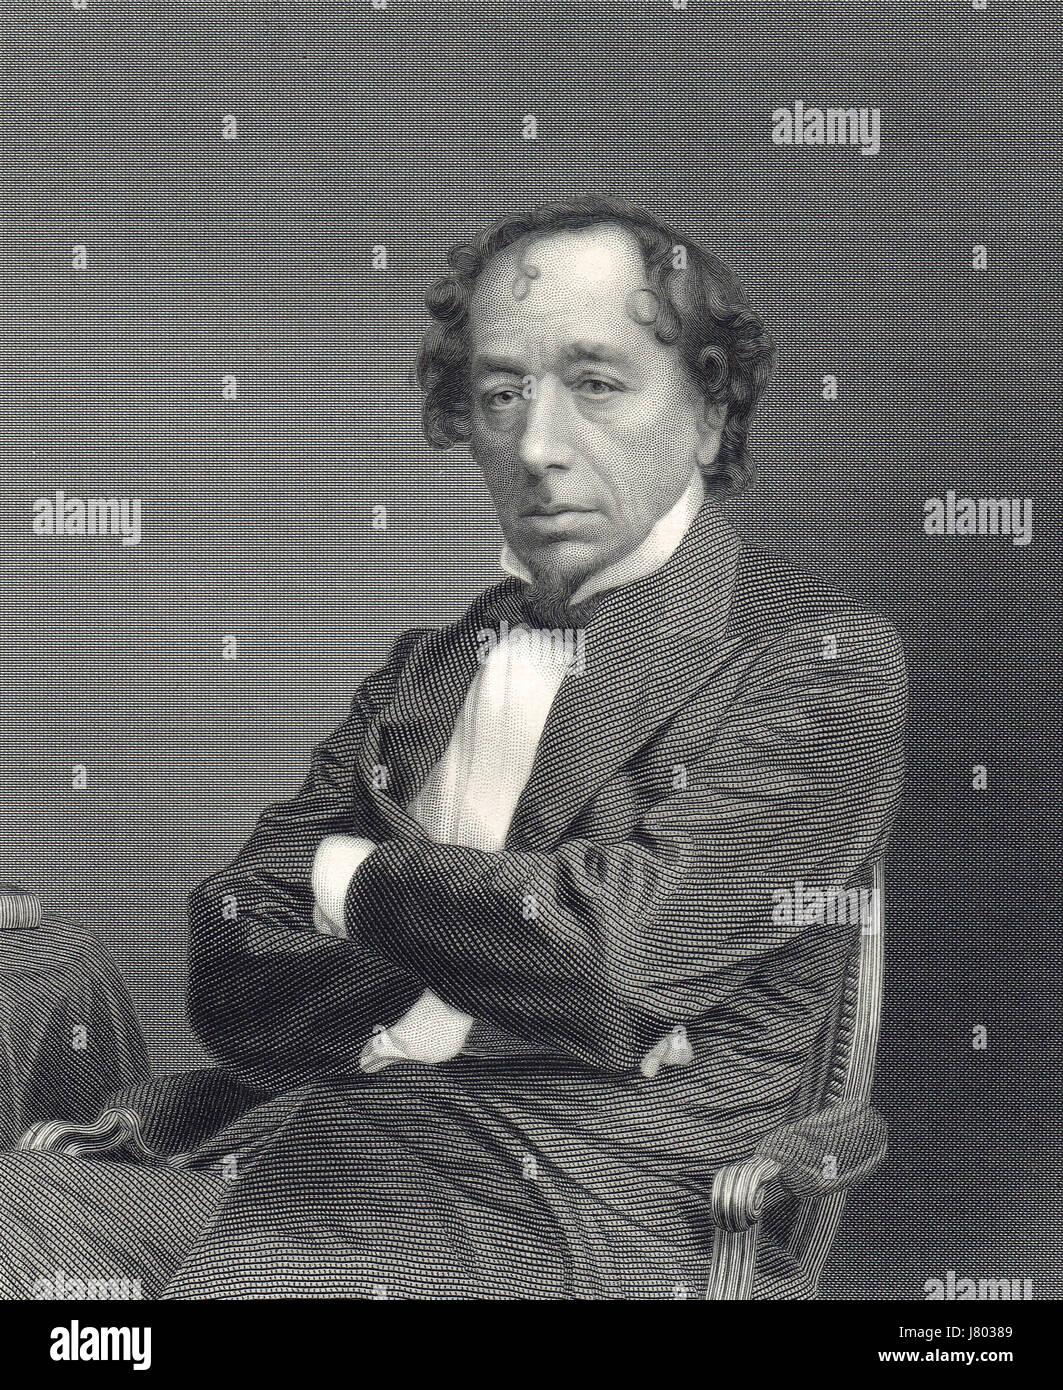 Benjamin Disraeli British Prime Minister Stock Photo